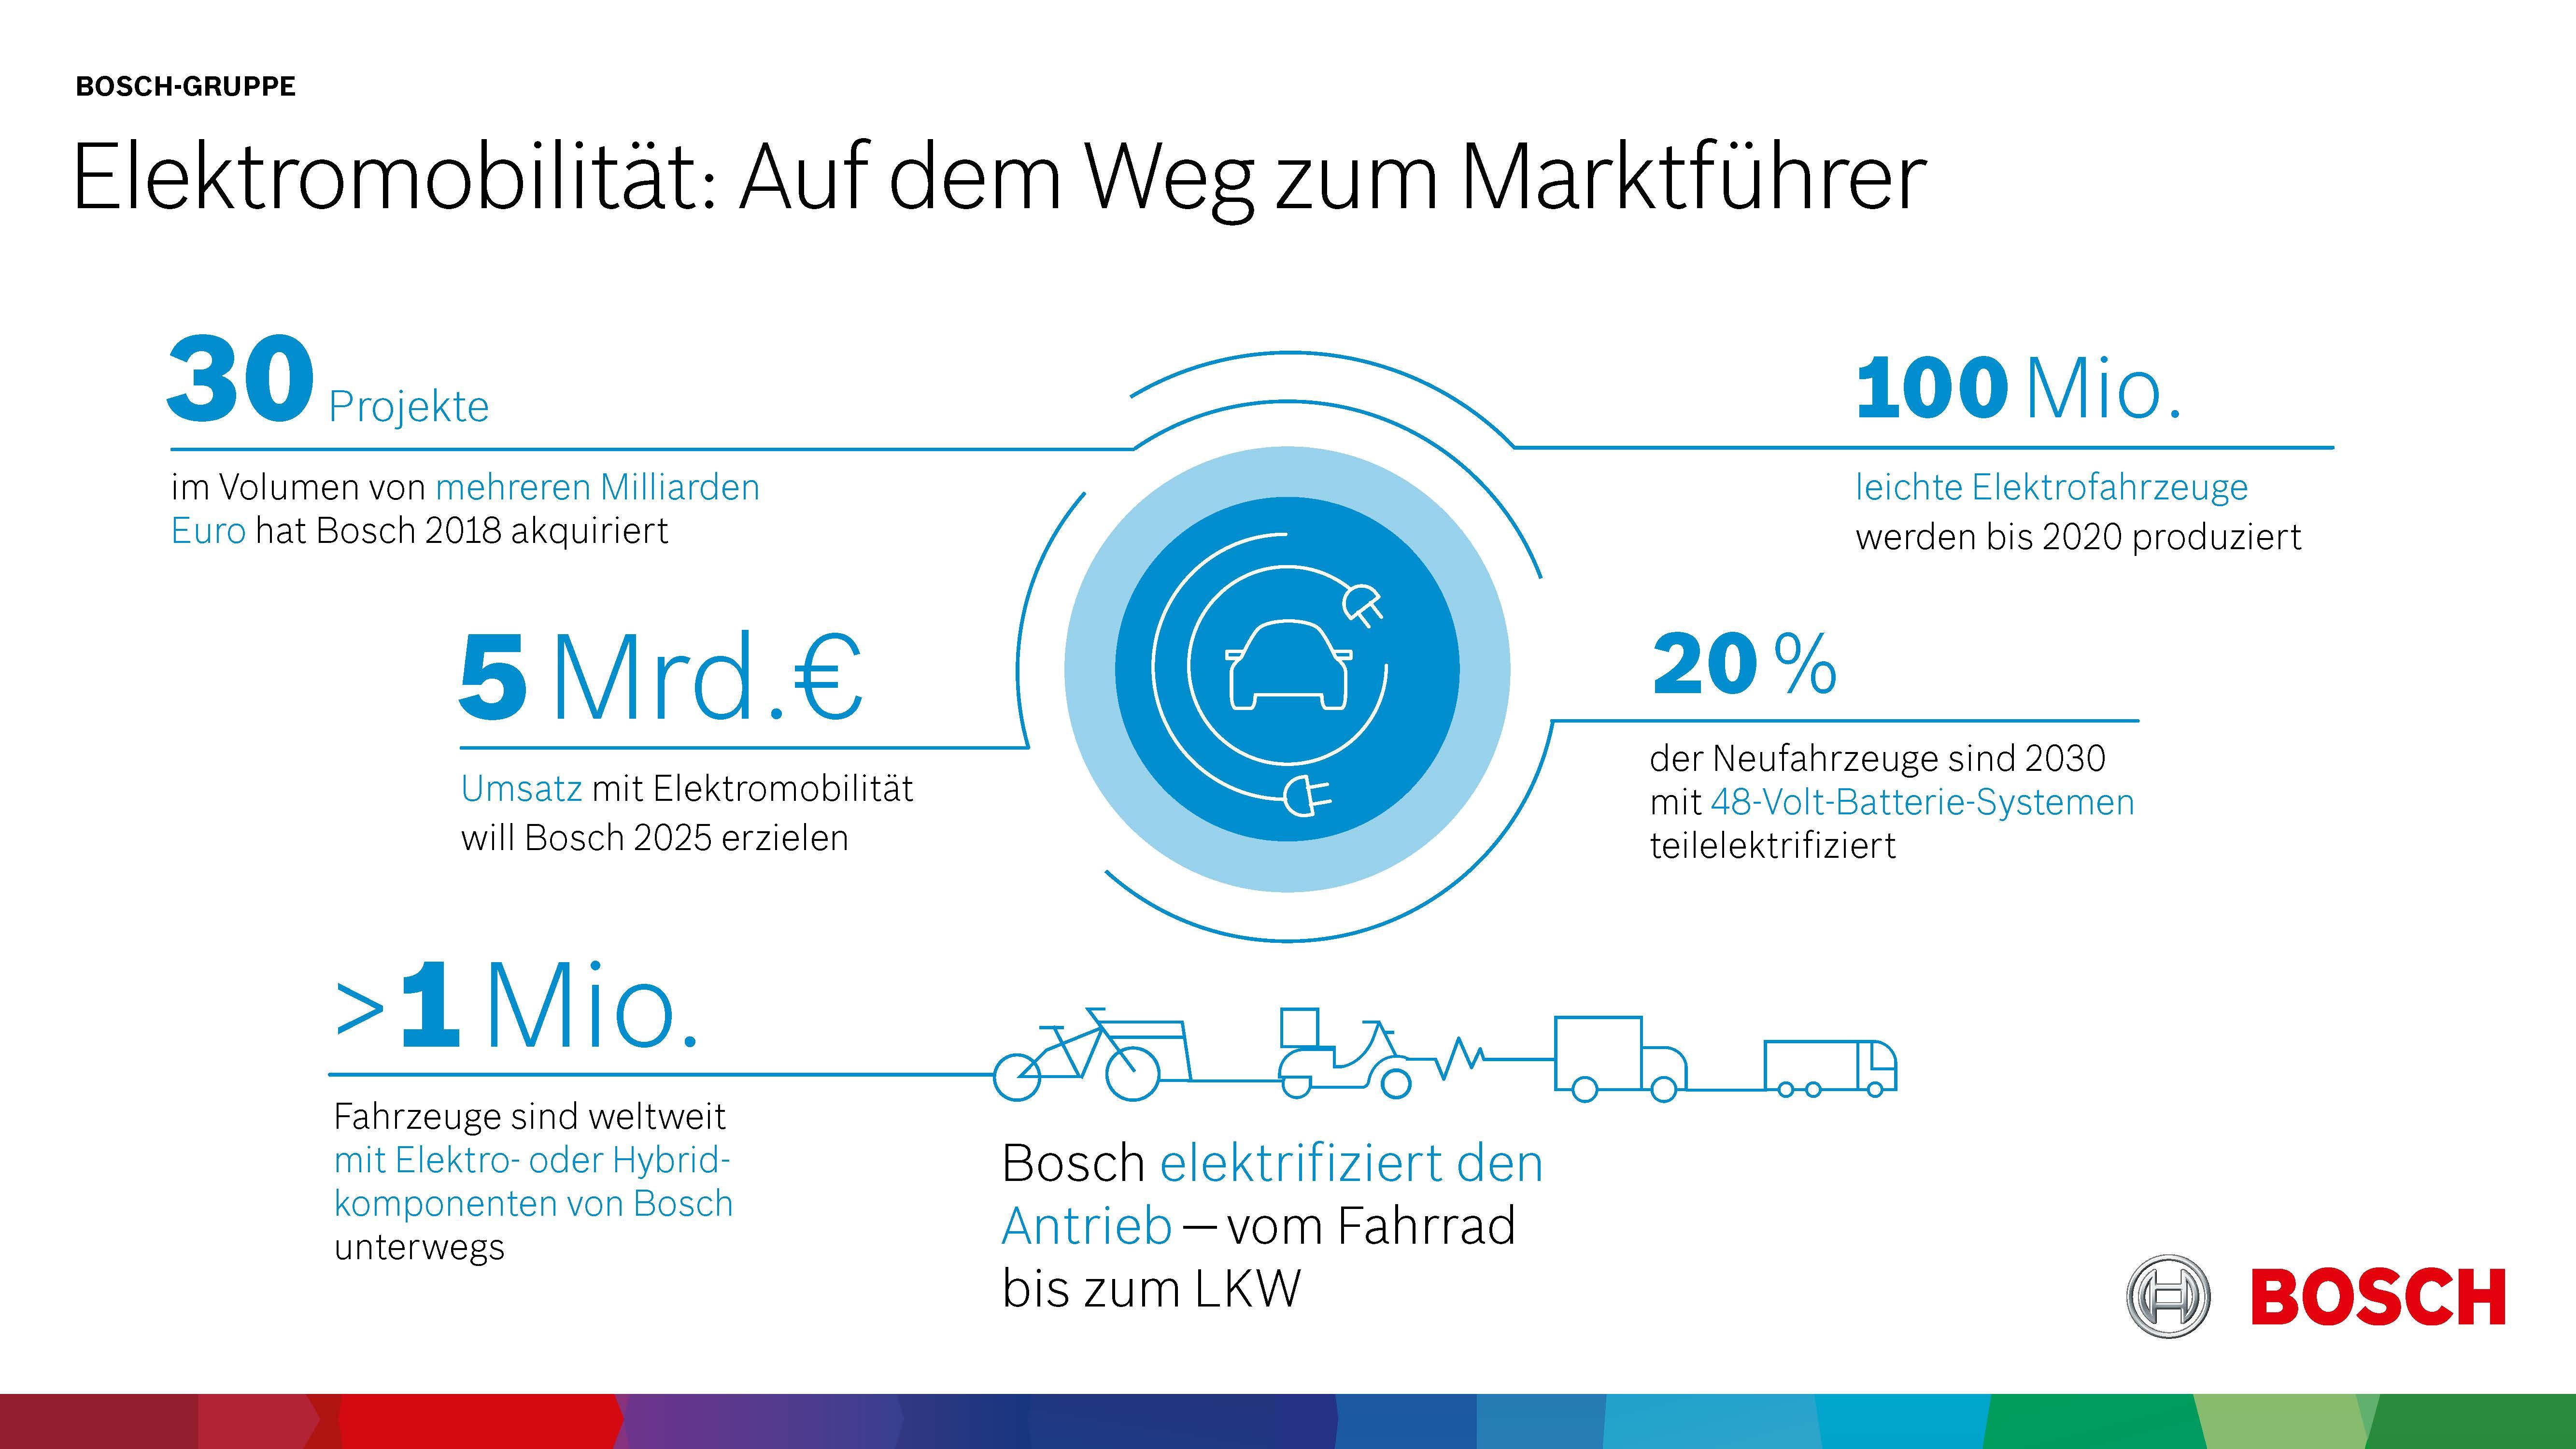 Elektromobilität: Auf dem Weg zum Marktführer